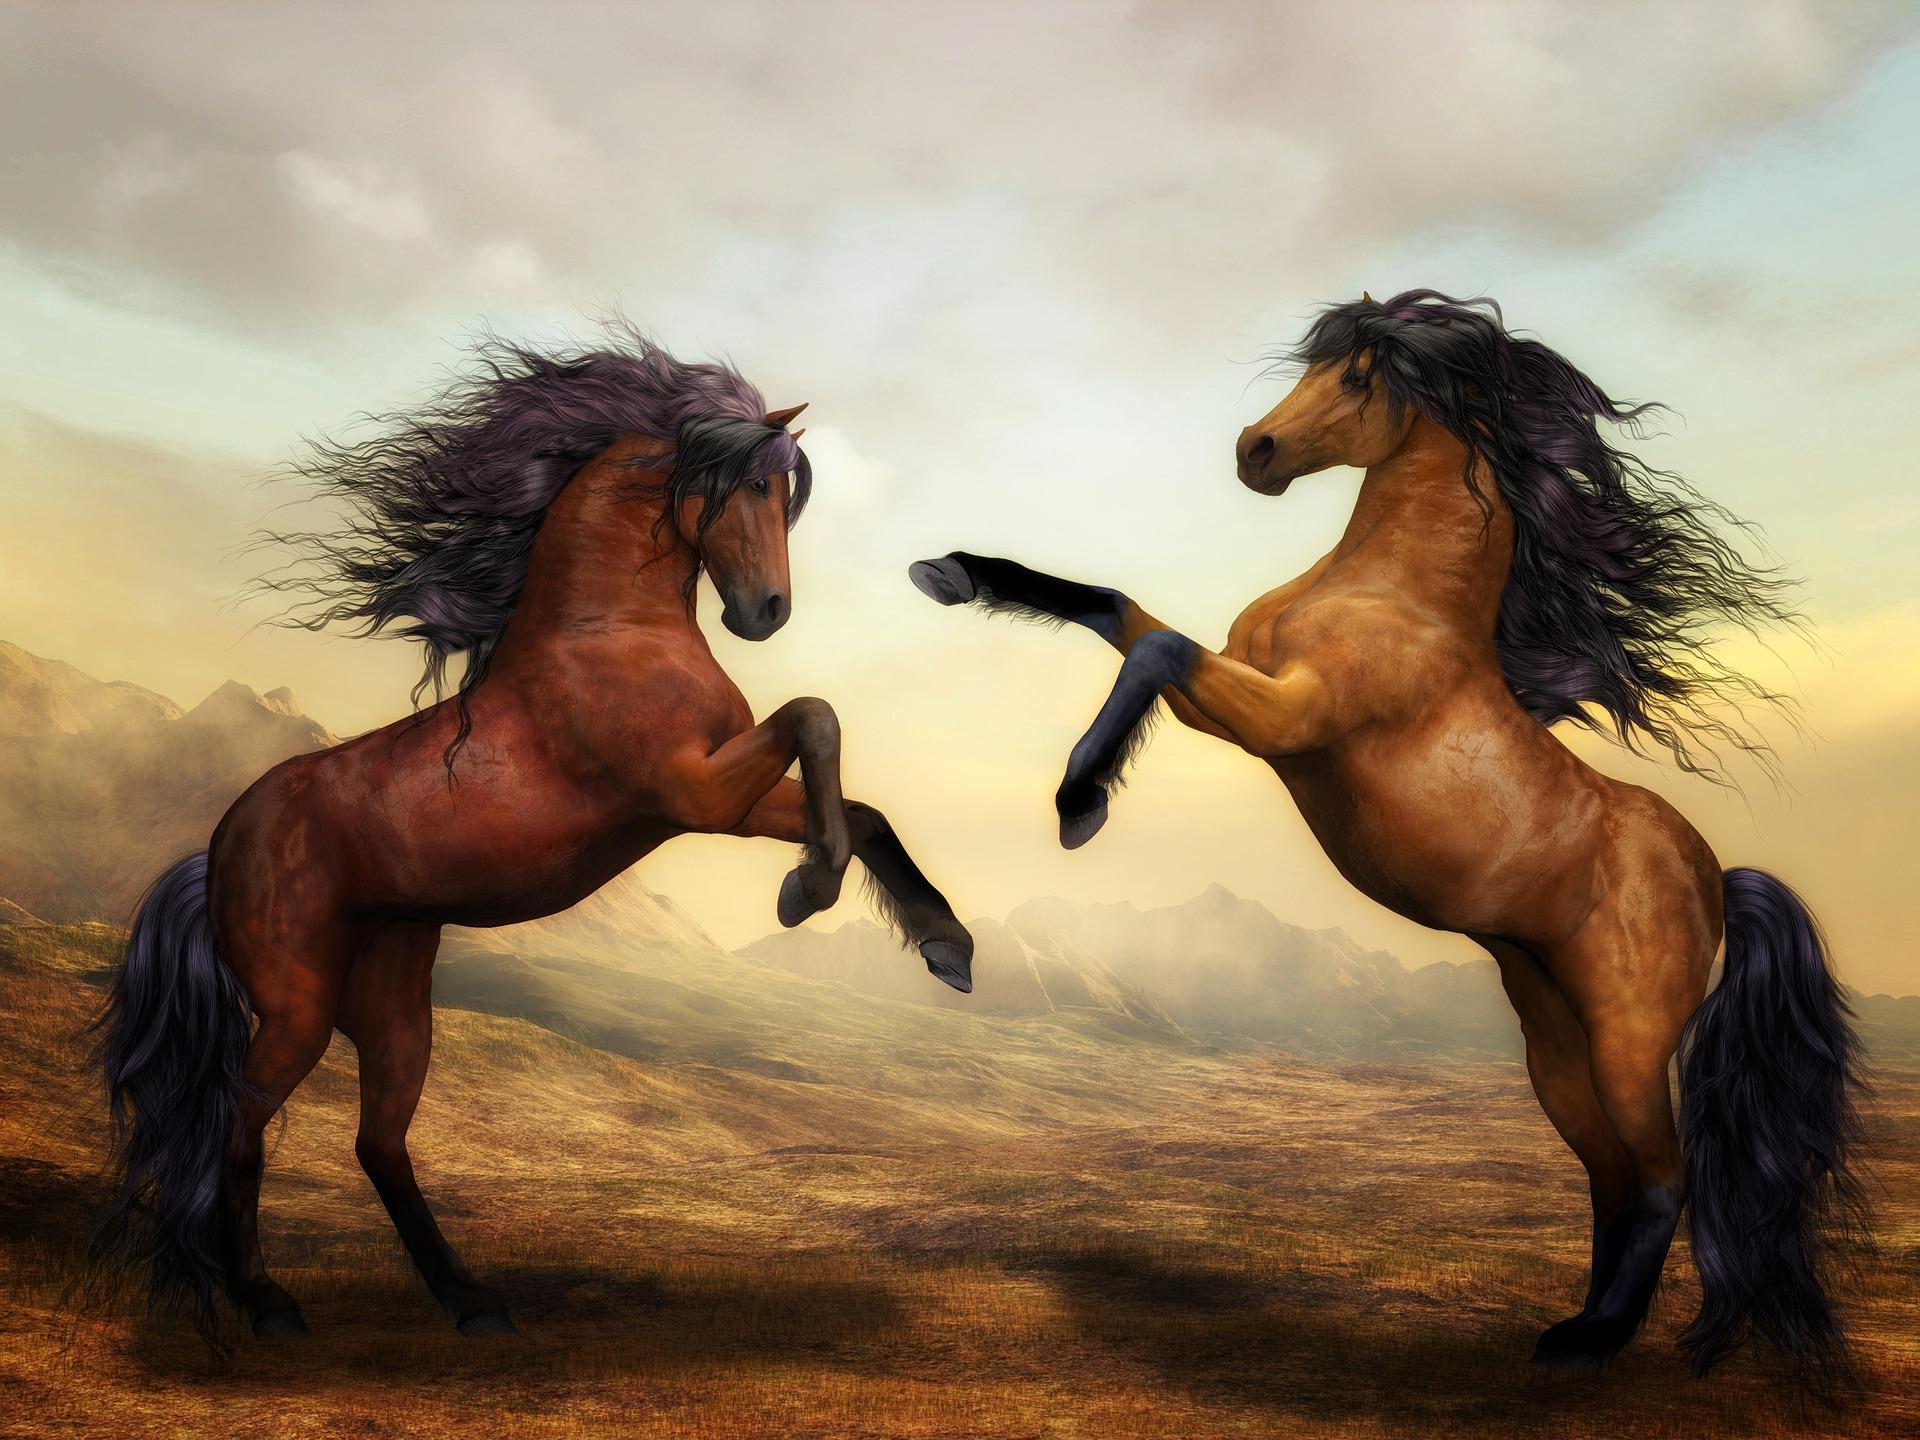 Ce inseamna cand visezi cai. Semnificatii in functie de culoare. Interpretarile lui Freud si Jung - Sfatulparintilor.ro